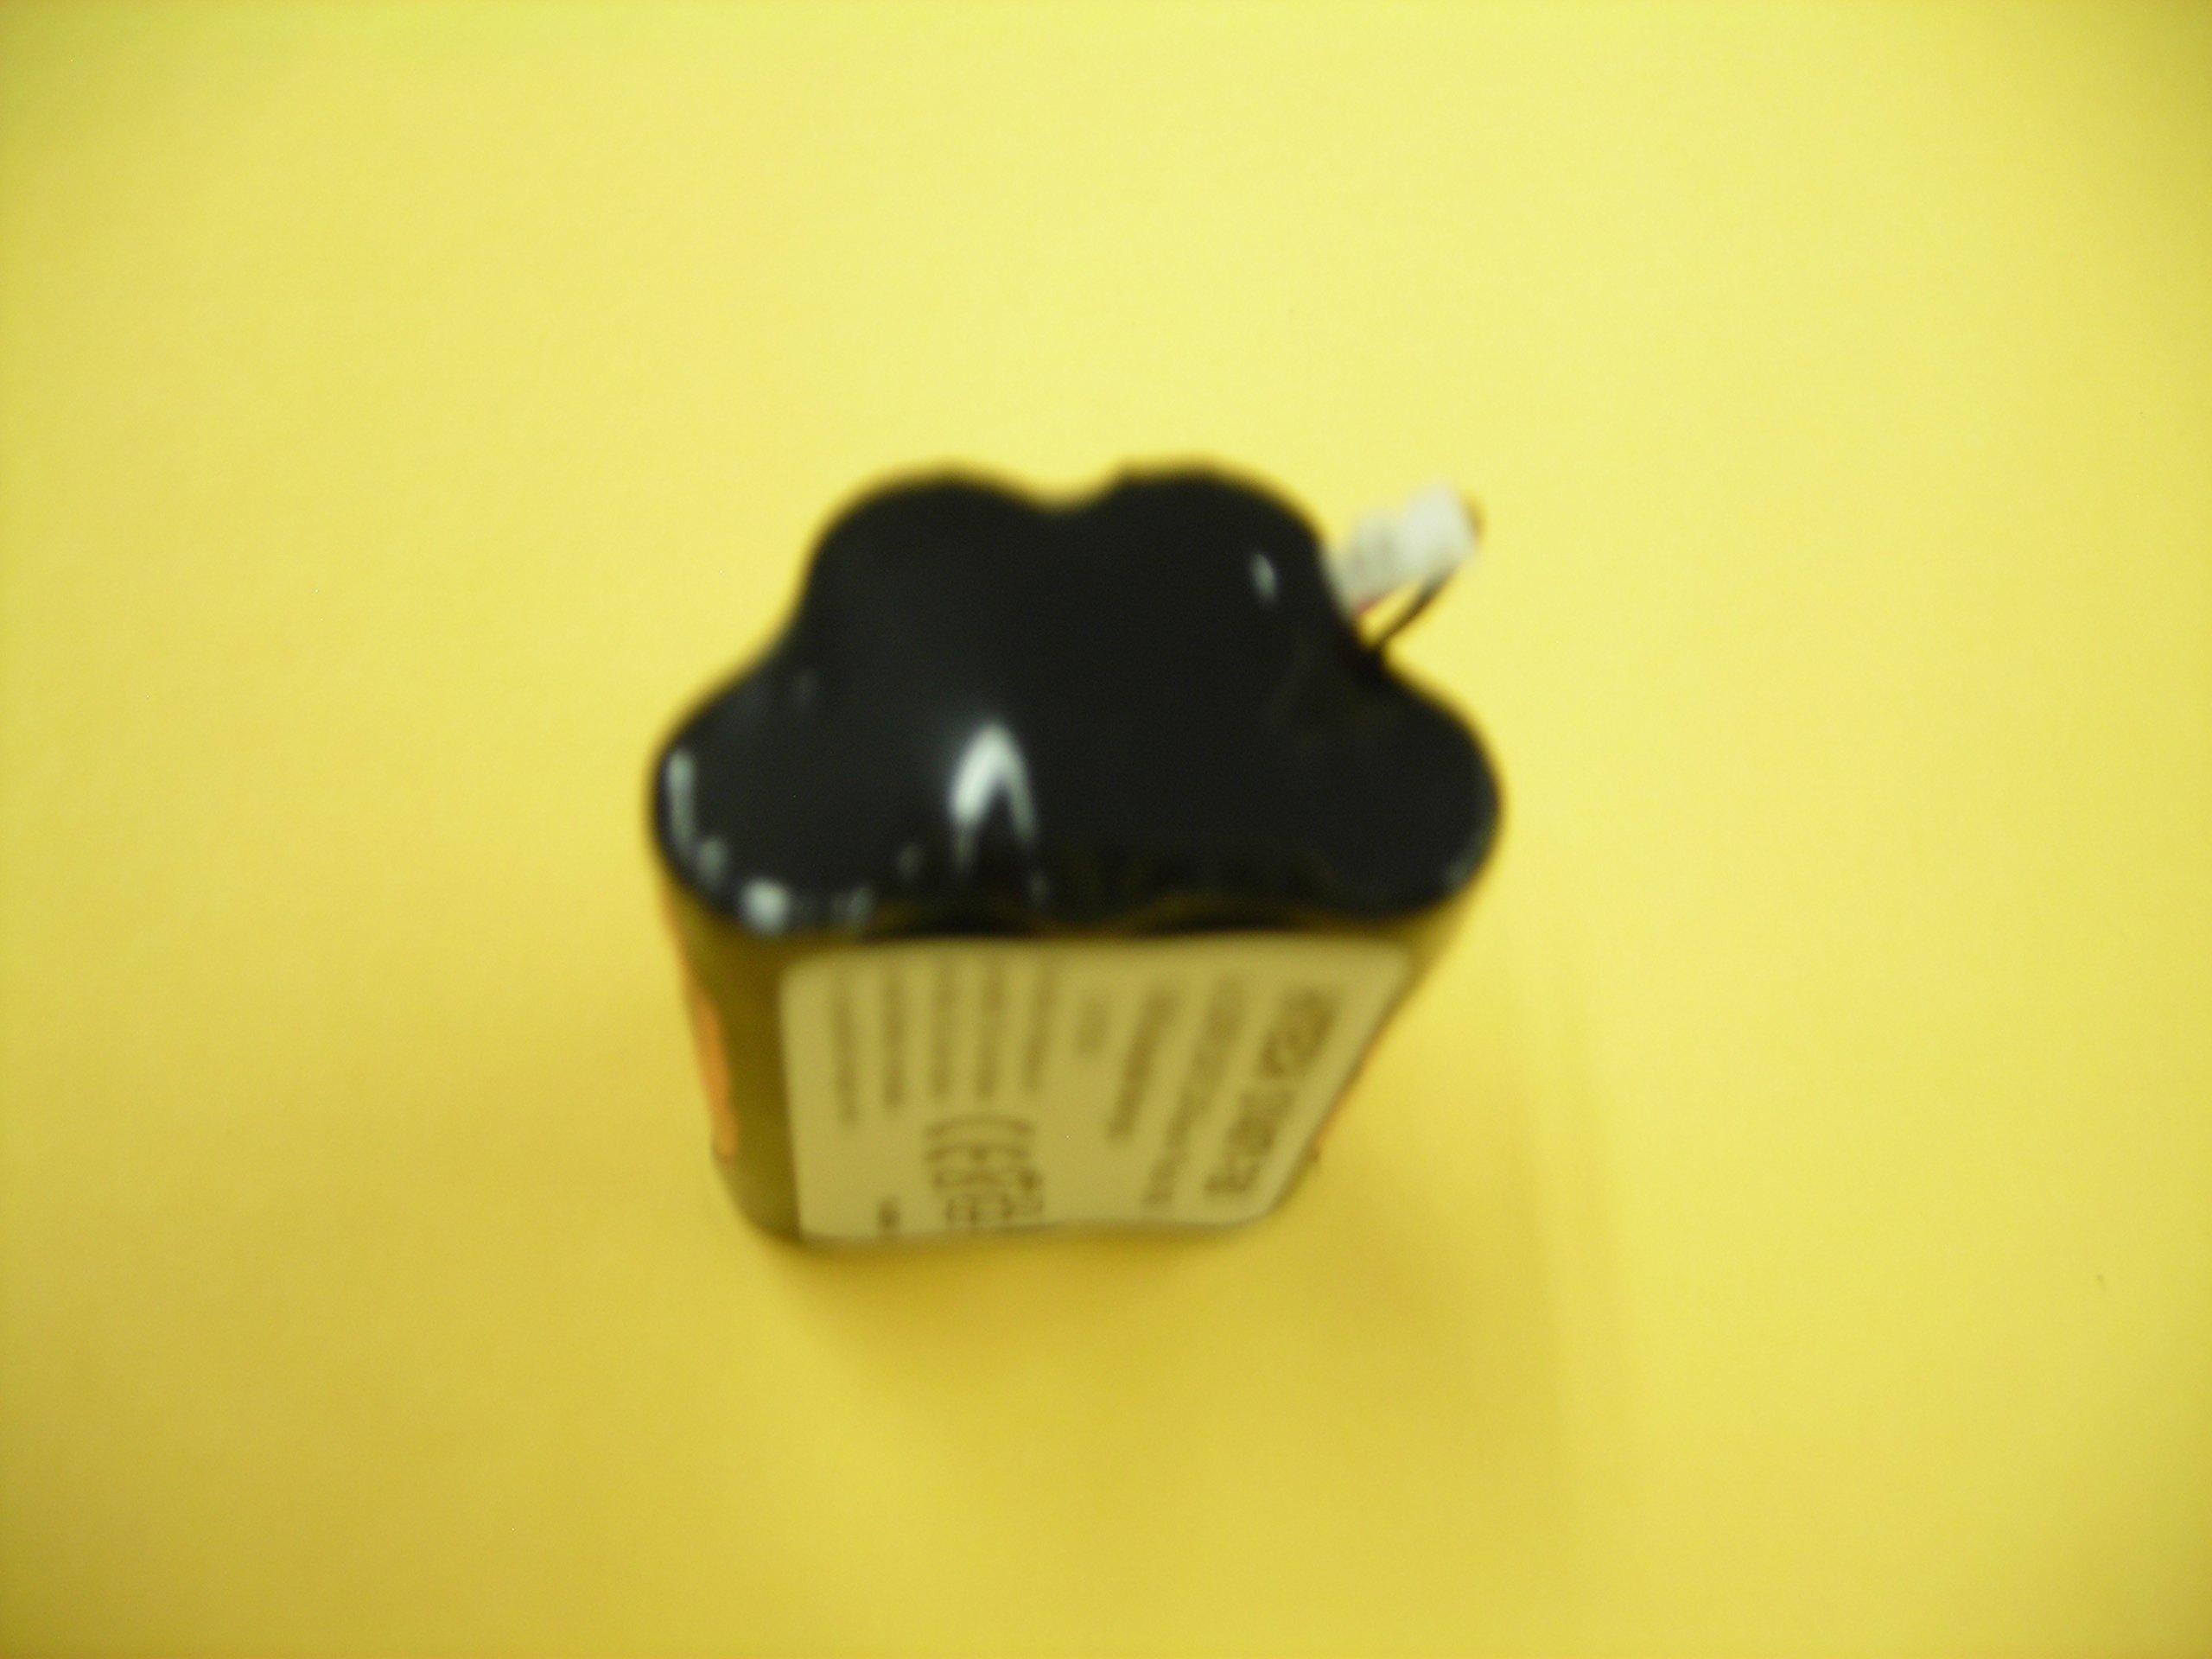 Hitech Battery#21-19022-01 6v750mAh(Cells of Yuasa Japan)for Symbol LS4070 LS4071 LS4074 LS4075 series